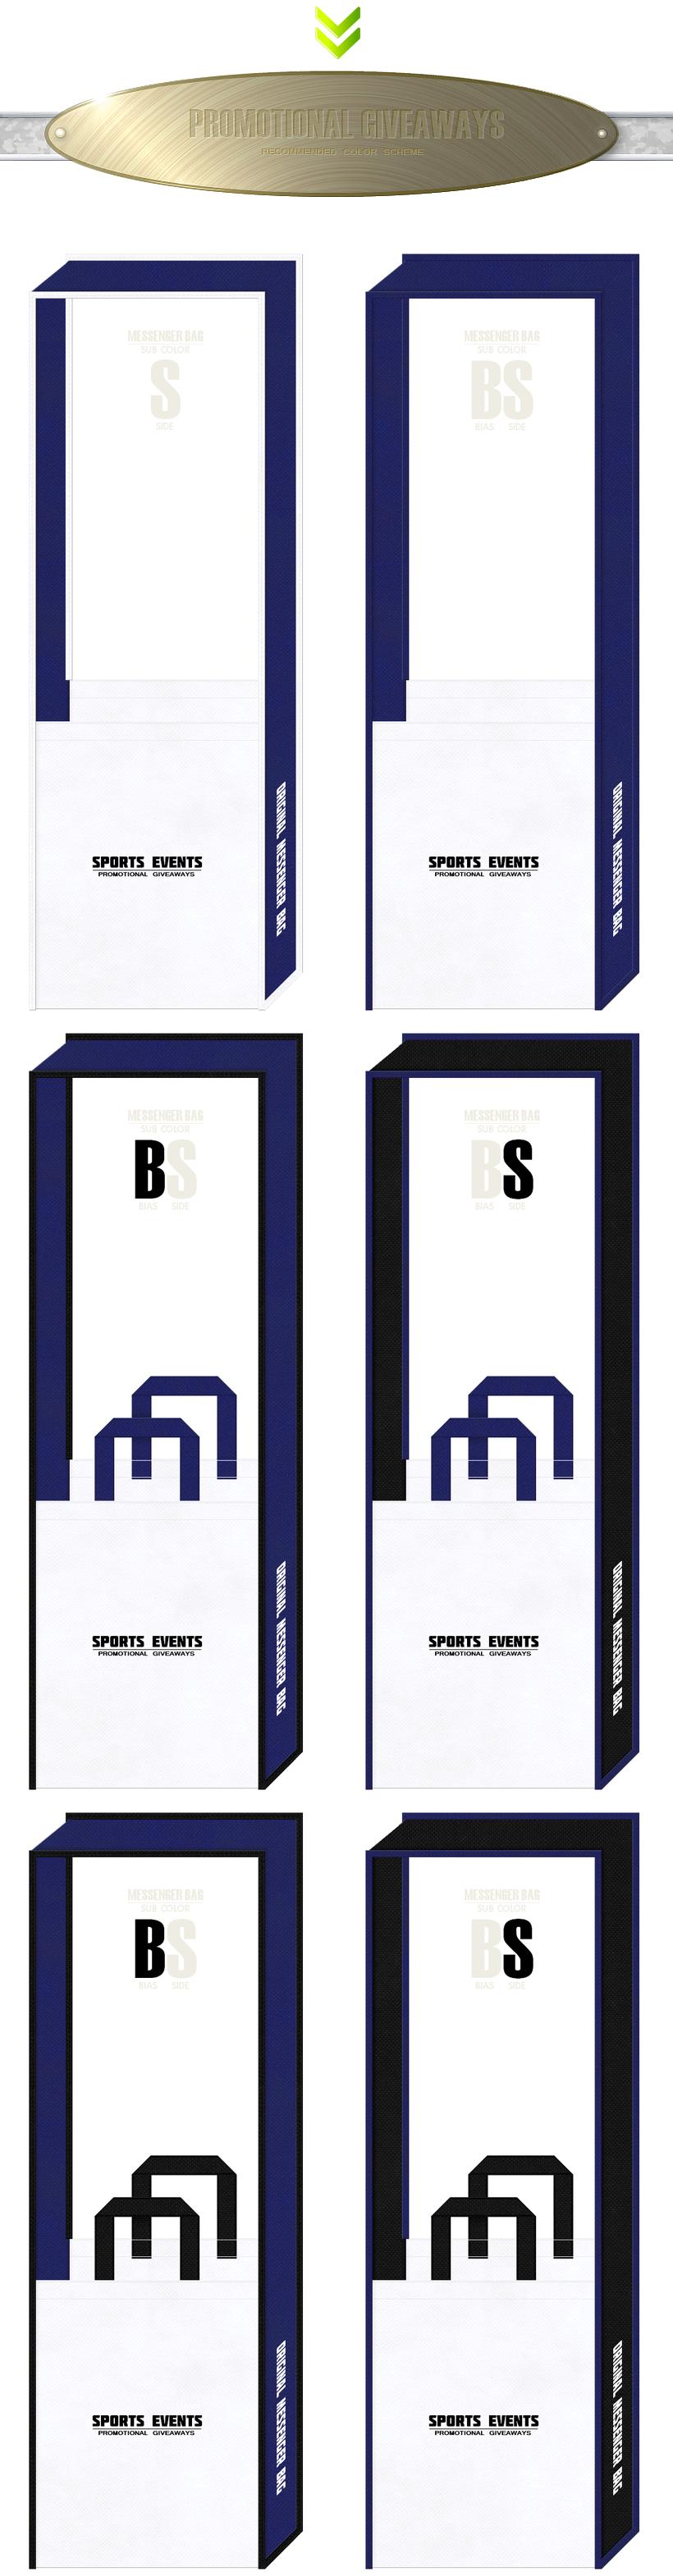 白色と紺色をメインに使用した、不織布メッセンジャーバッグのカラーシミュレーション:スポーツイベントのノベルティ